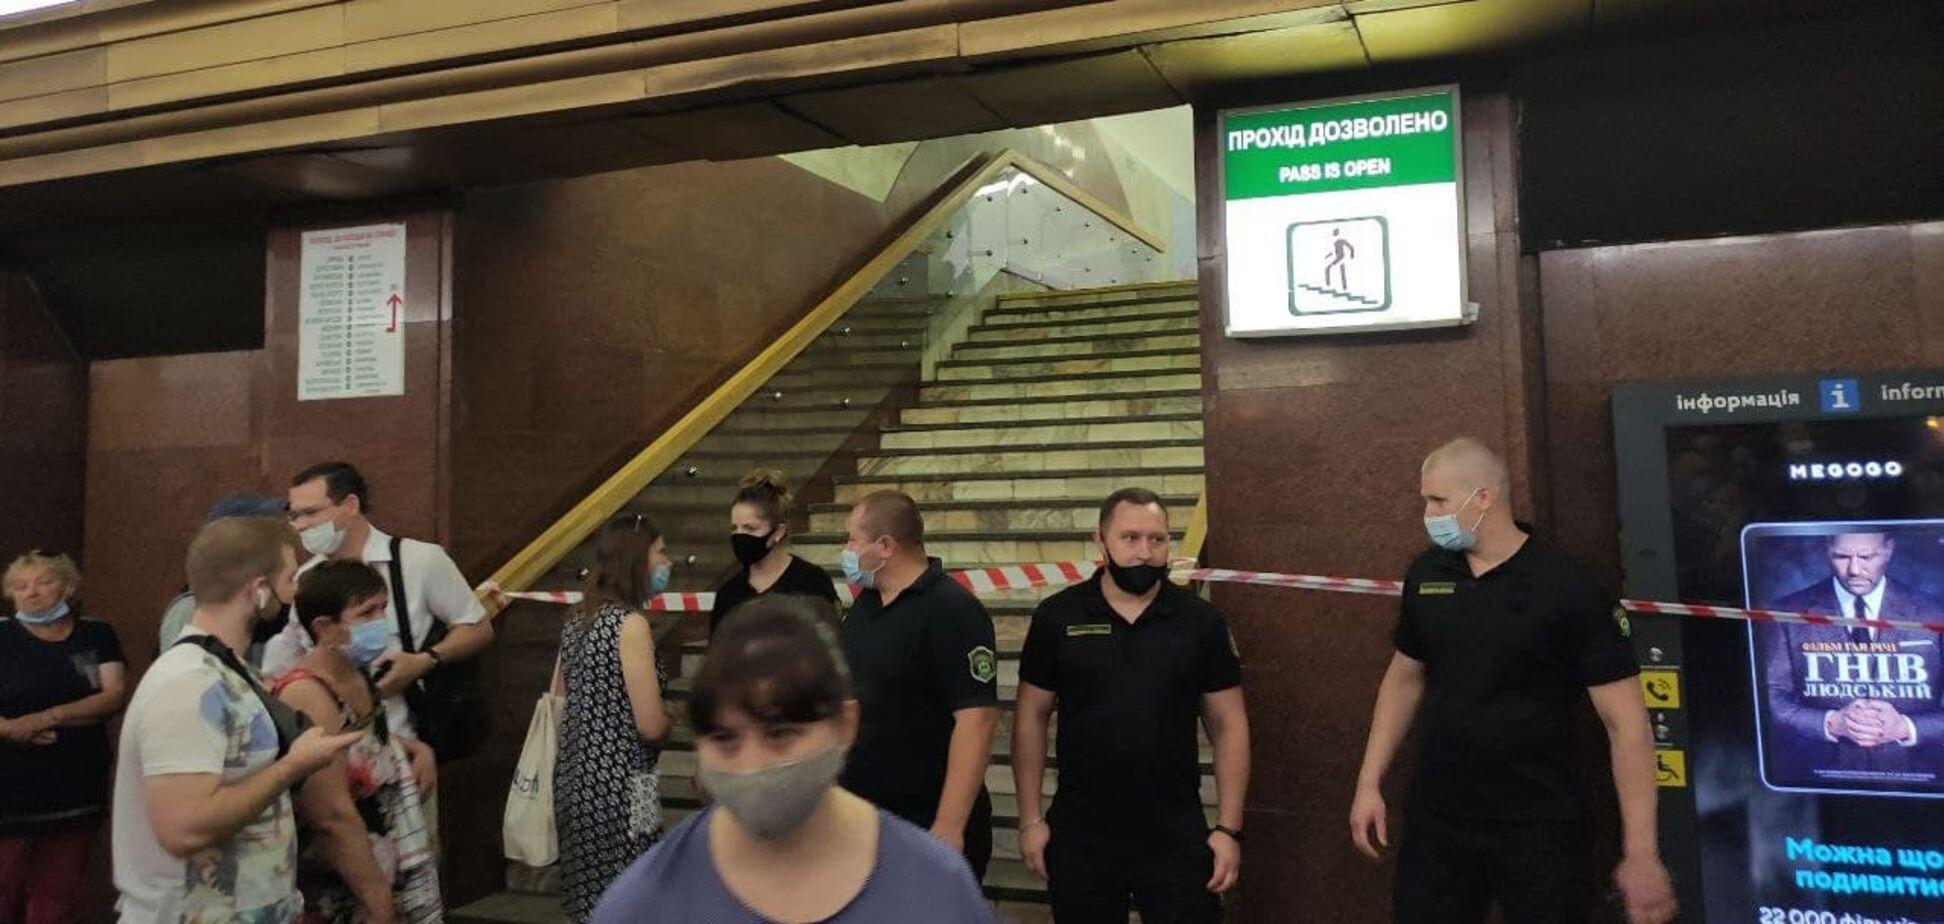 У переході між станціями метро в Києві знайшли підозрілий предмет